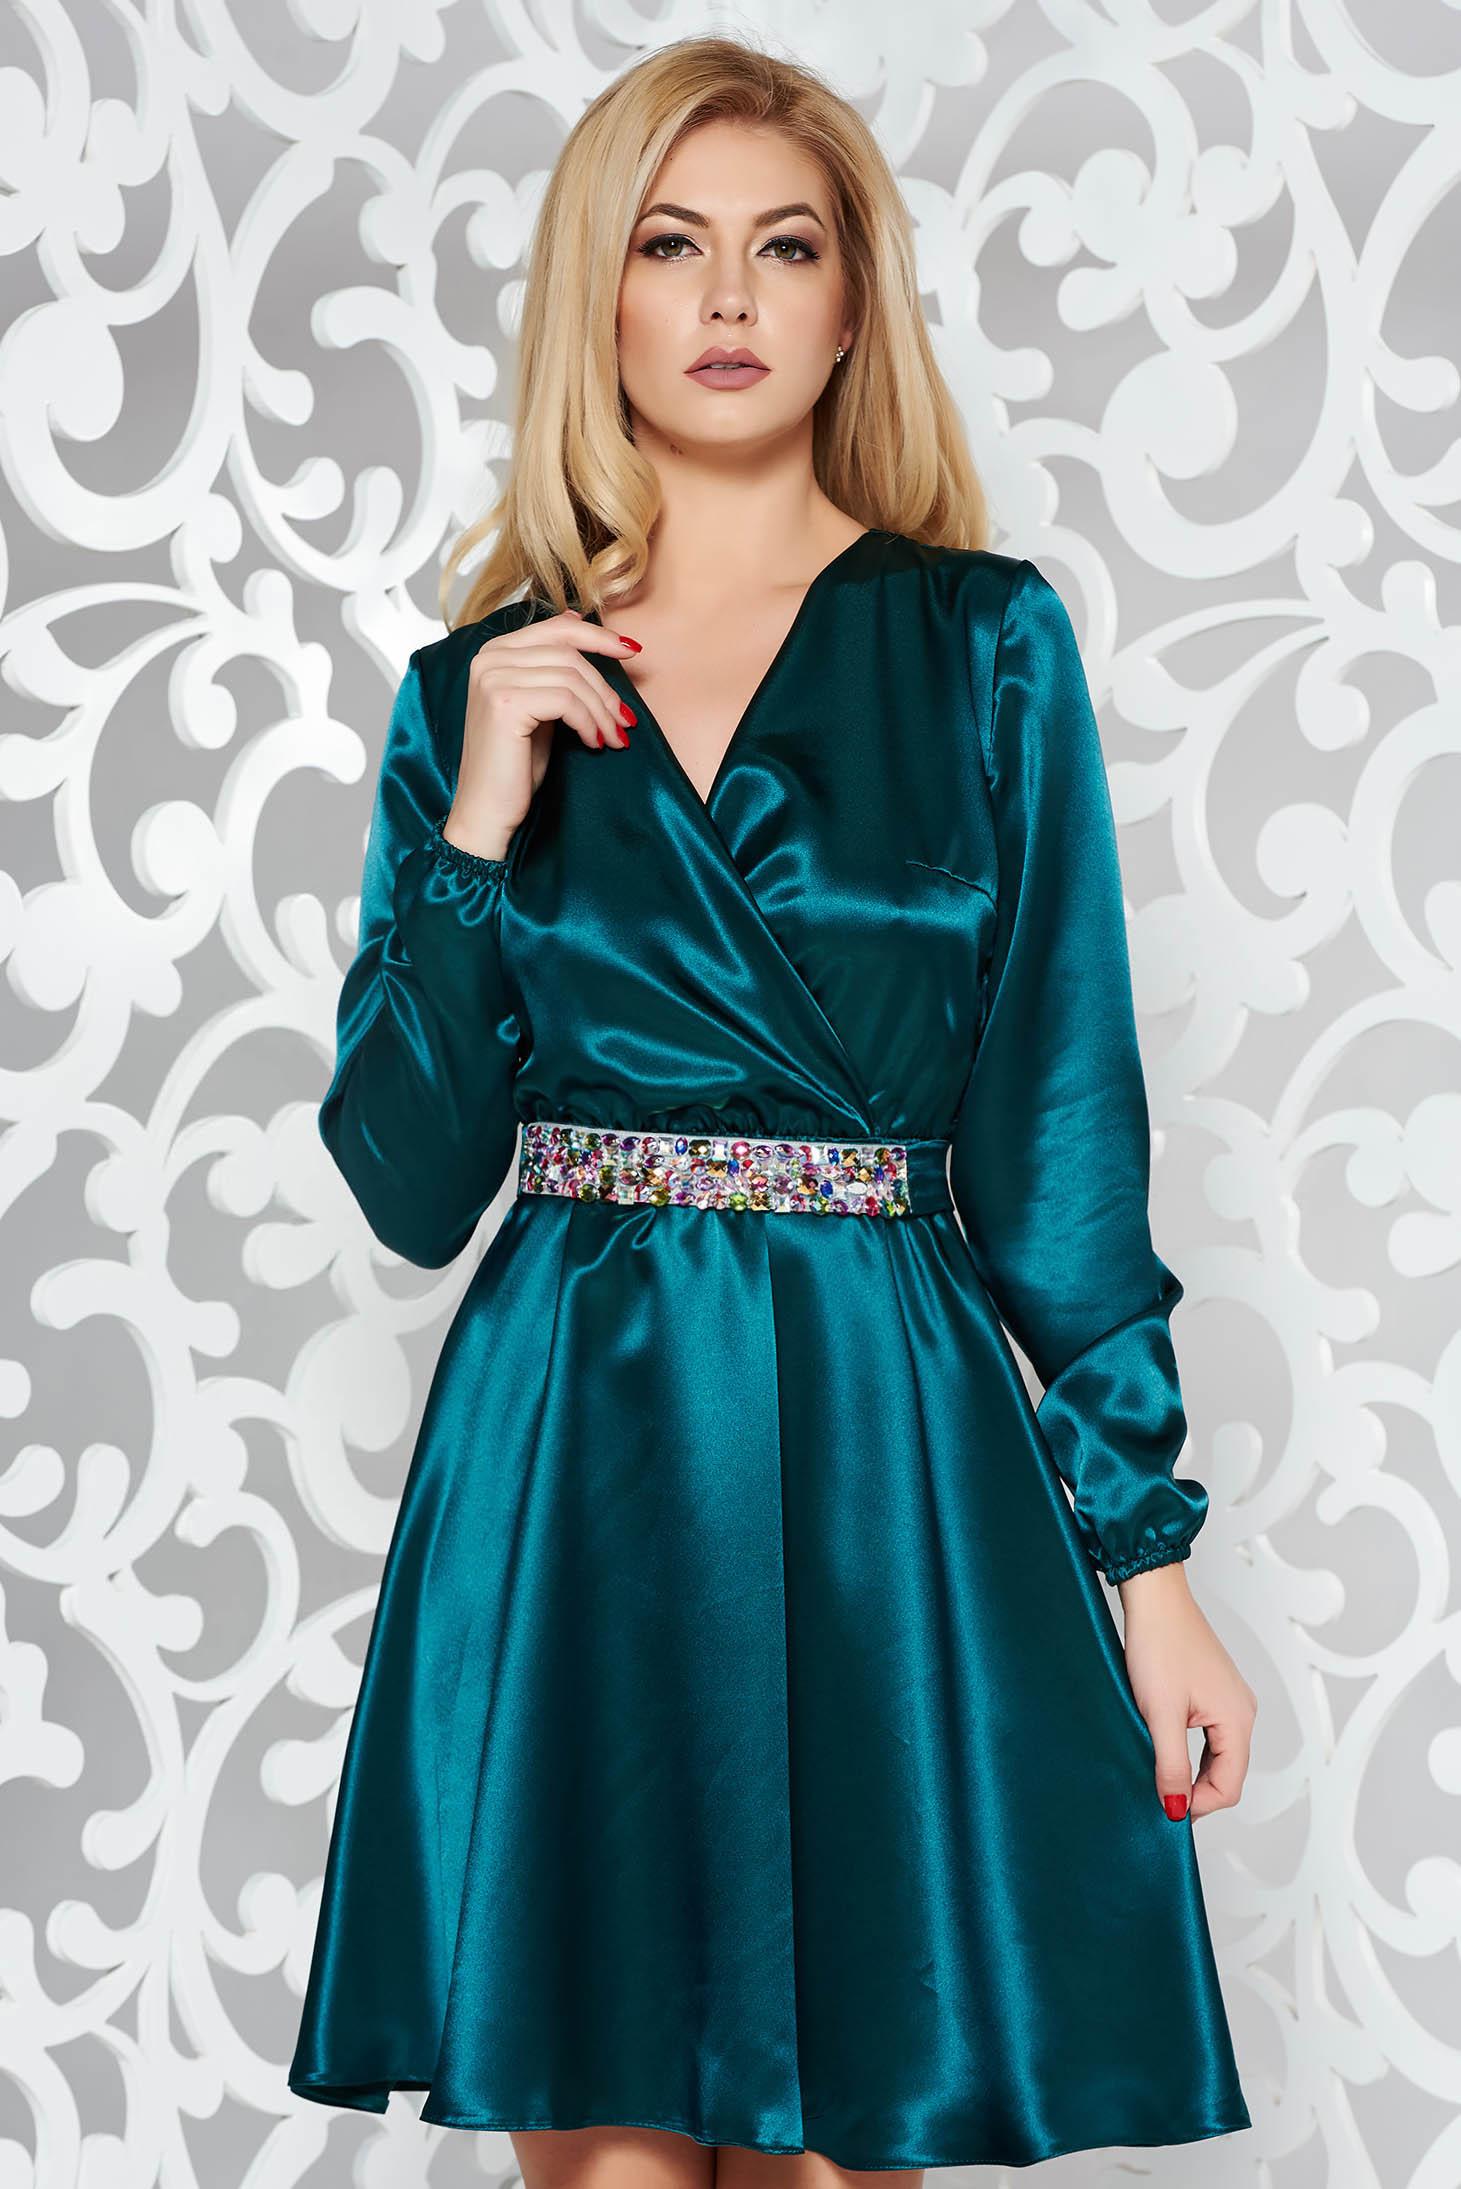 Rochie StarShinerS verde de ocazie din material satinat cu elastic in talie accesorizata cu cordon cu pietre stras